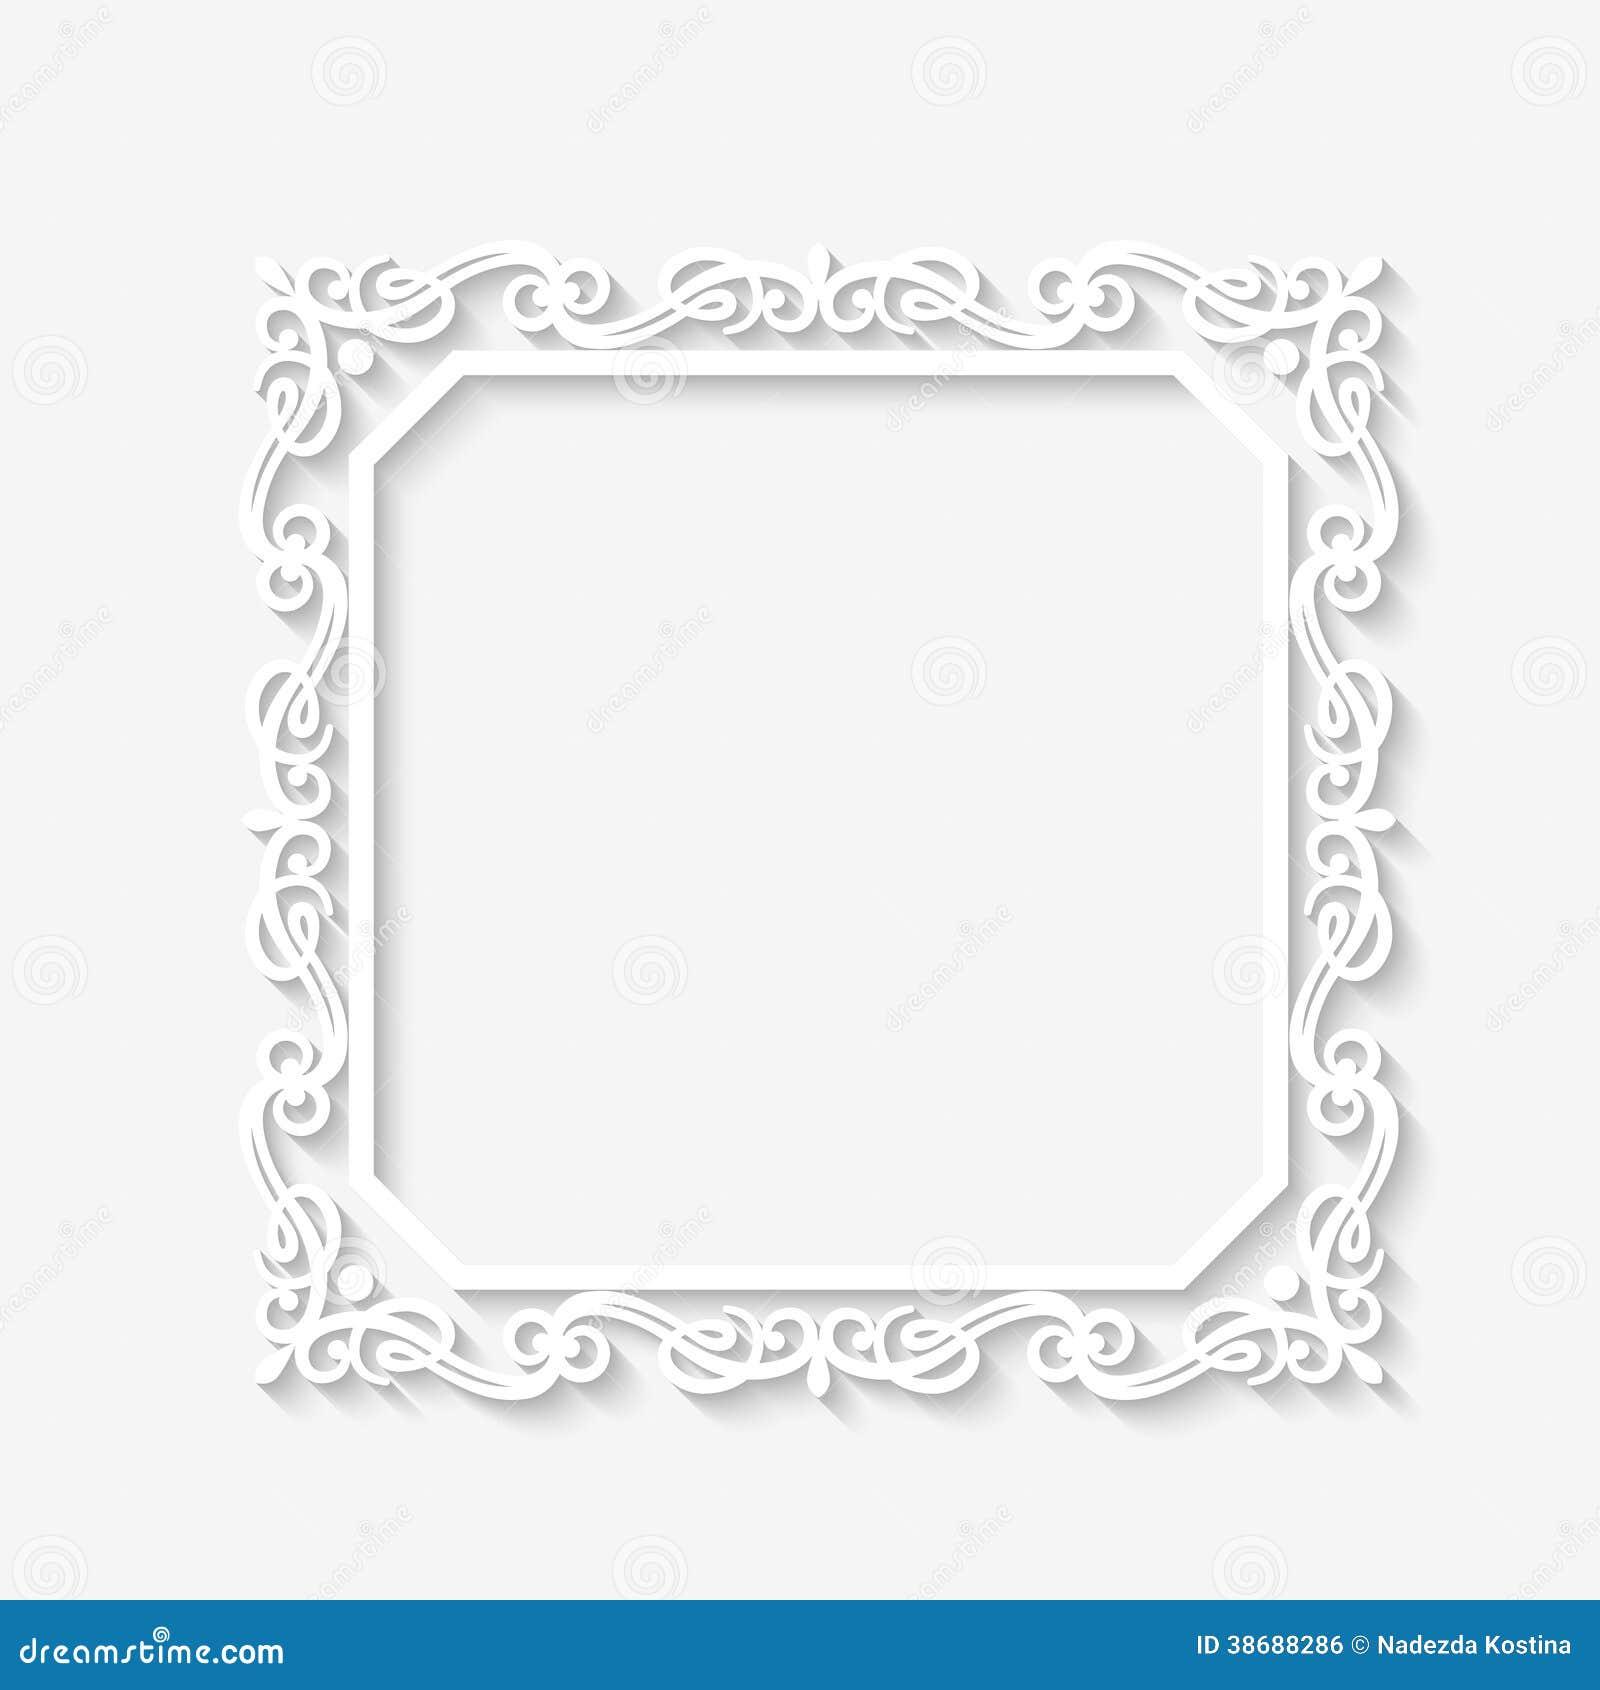 Schön 5x7 Weißer Rahmen Ideen - Benutzerdefinierte Bilderrahmen ...